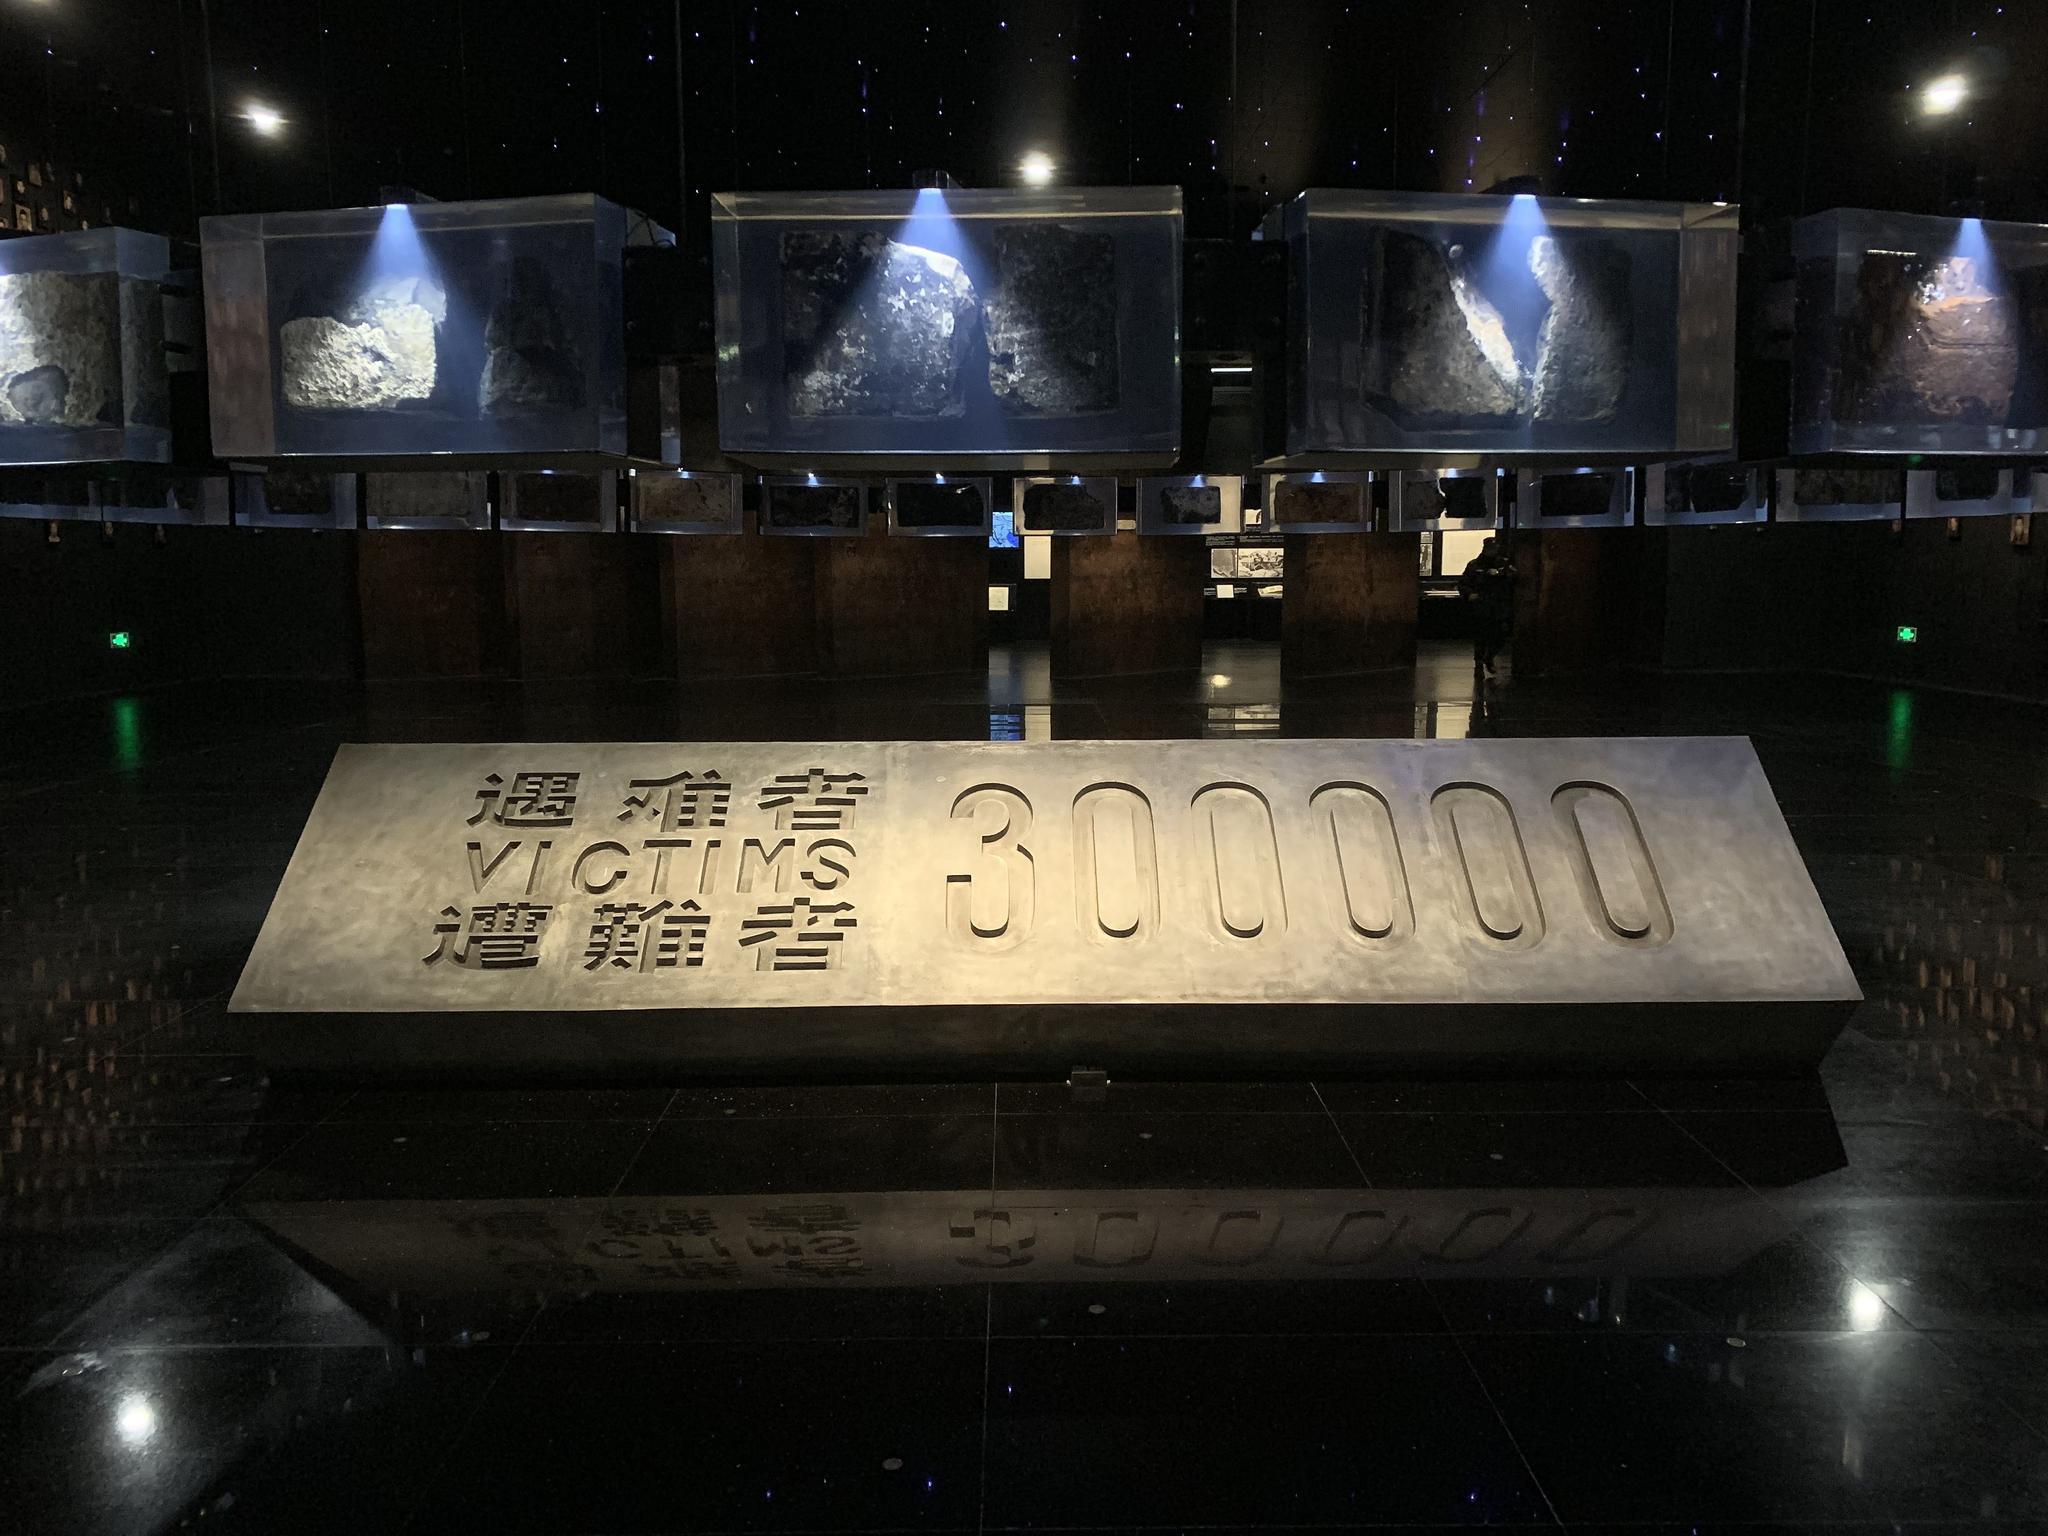 幸存者回忆南京大屠杀:活一天就要讲一天